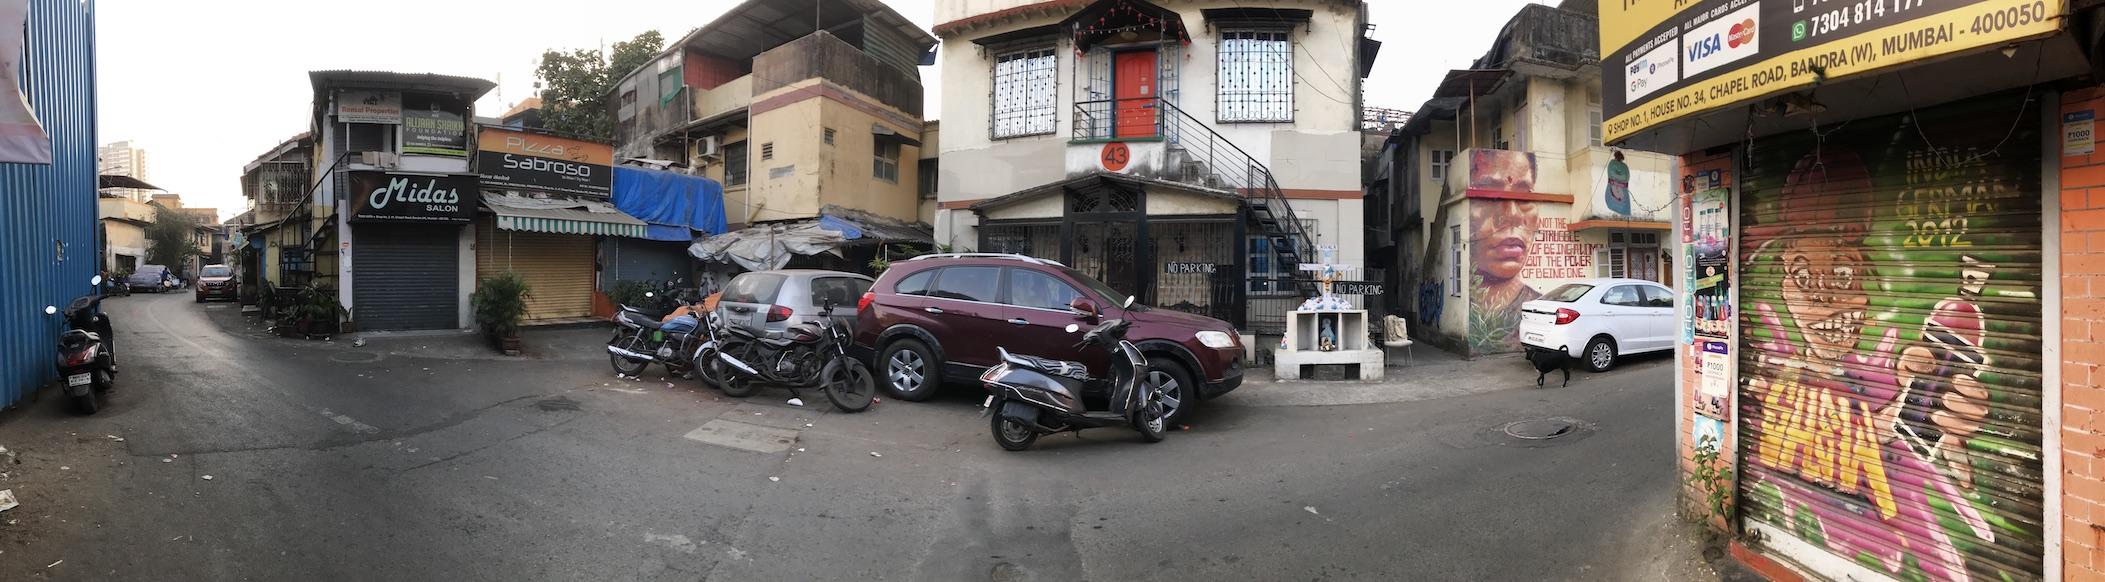 Hostel_road